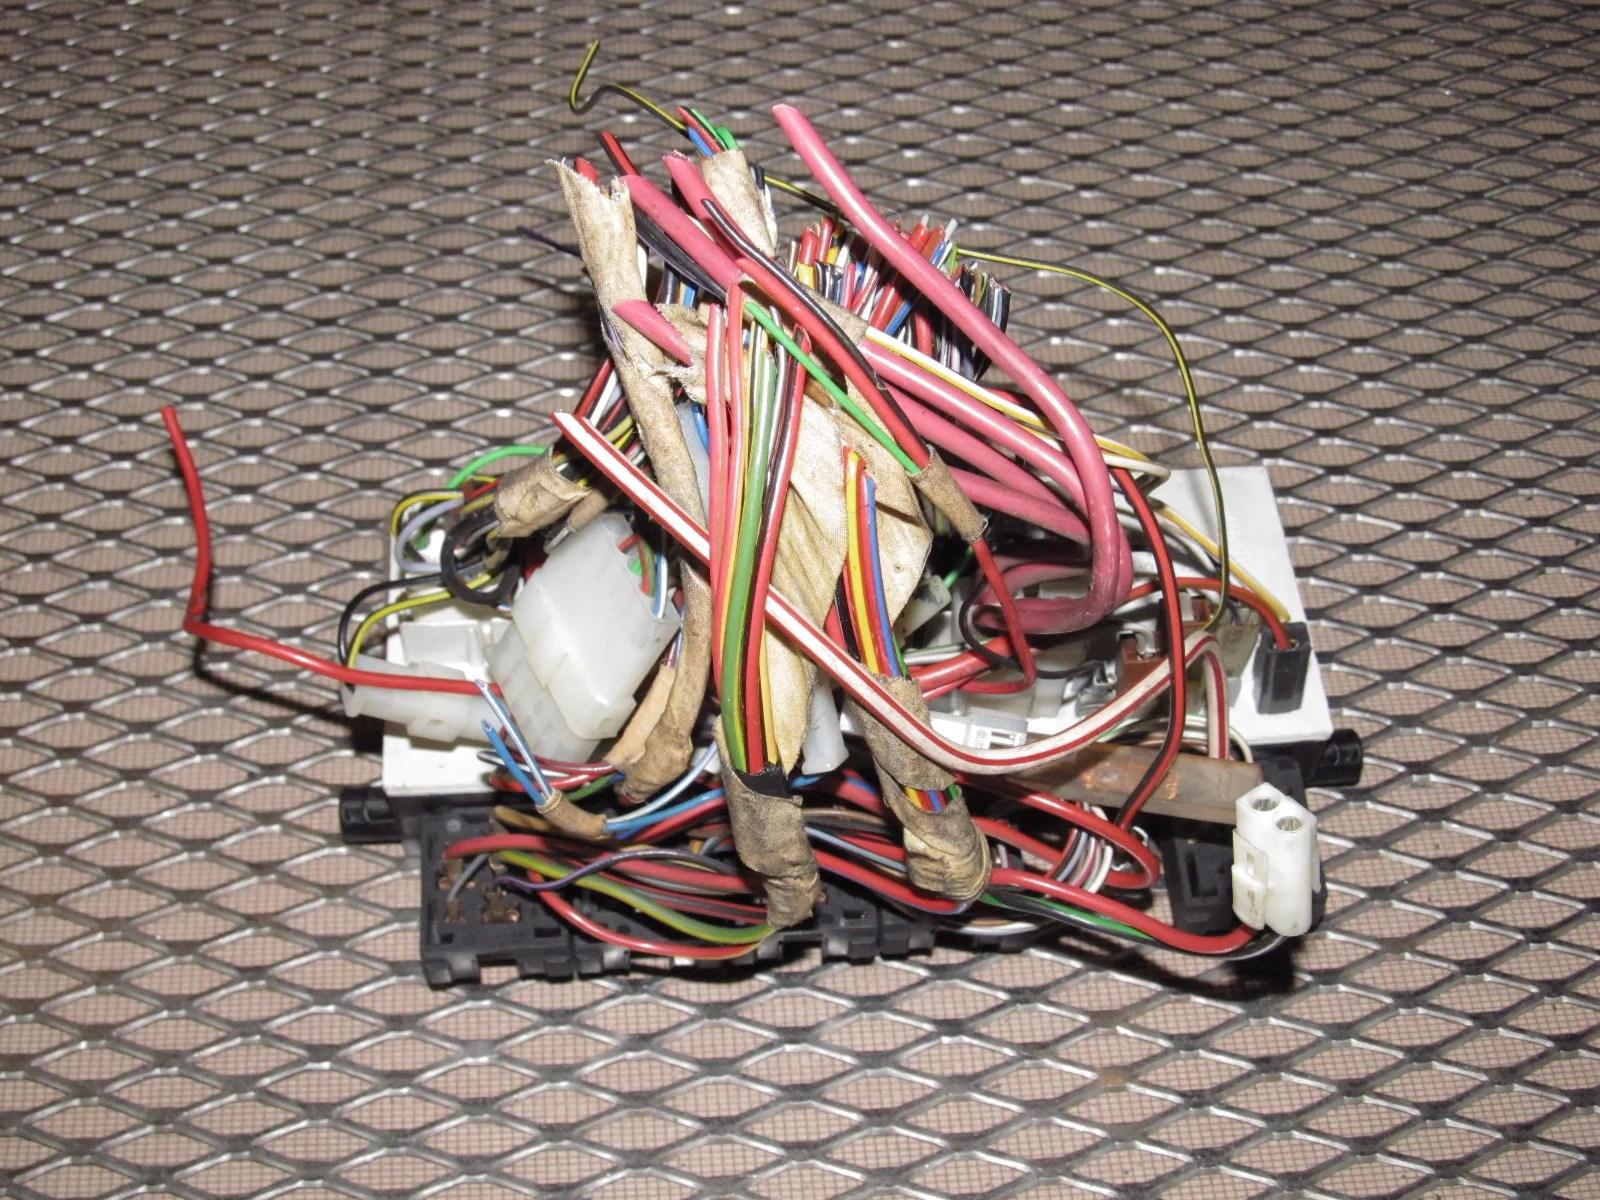 85 porsche fuse box wiring diagram85 porsche fuse box wiring diagram schematics83 85 porsche 944 oem [ 1600 x 1200 Pixel ]